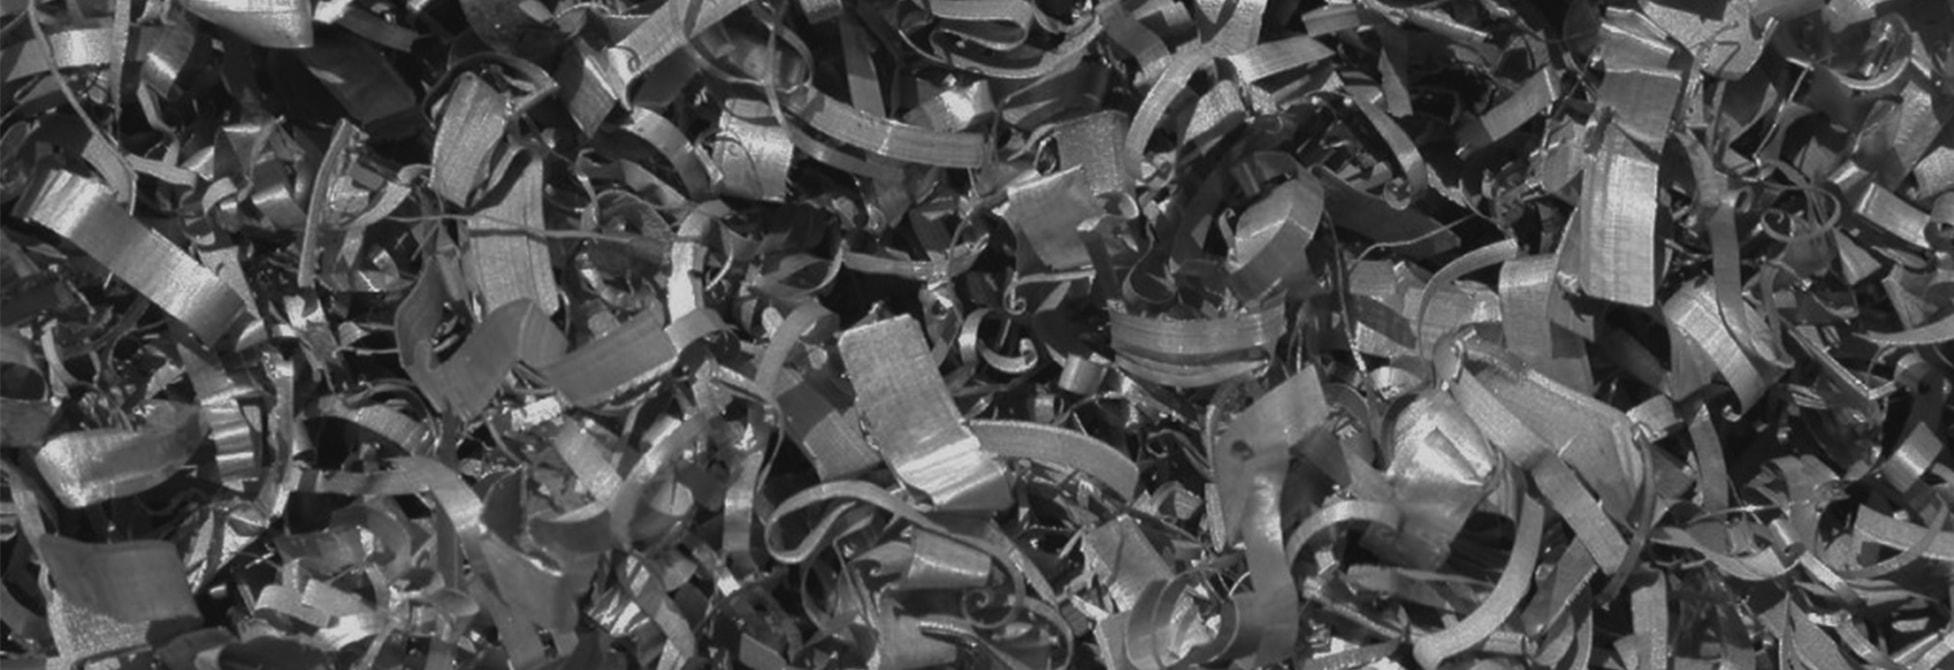 aspiratori industriali per industria meccanica